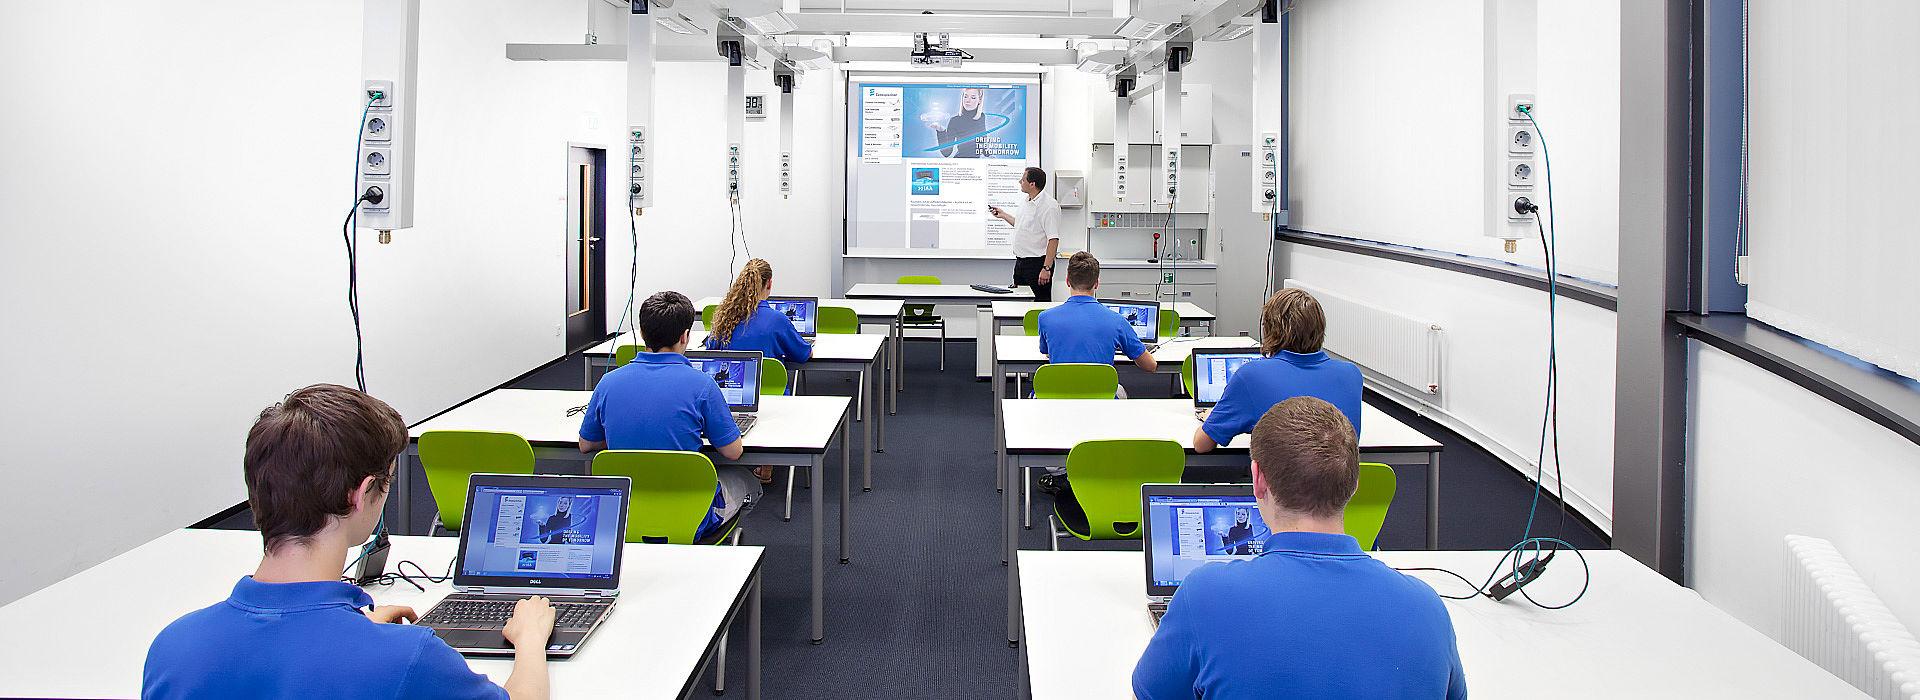 QUWIS | Classe infromatique dans l'espace multifonctionnel